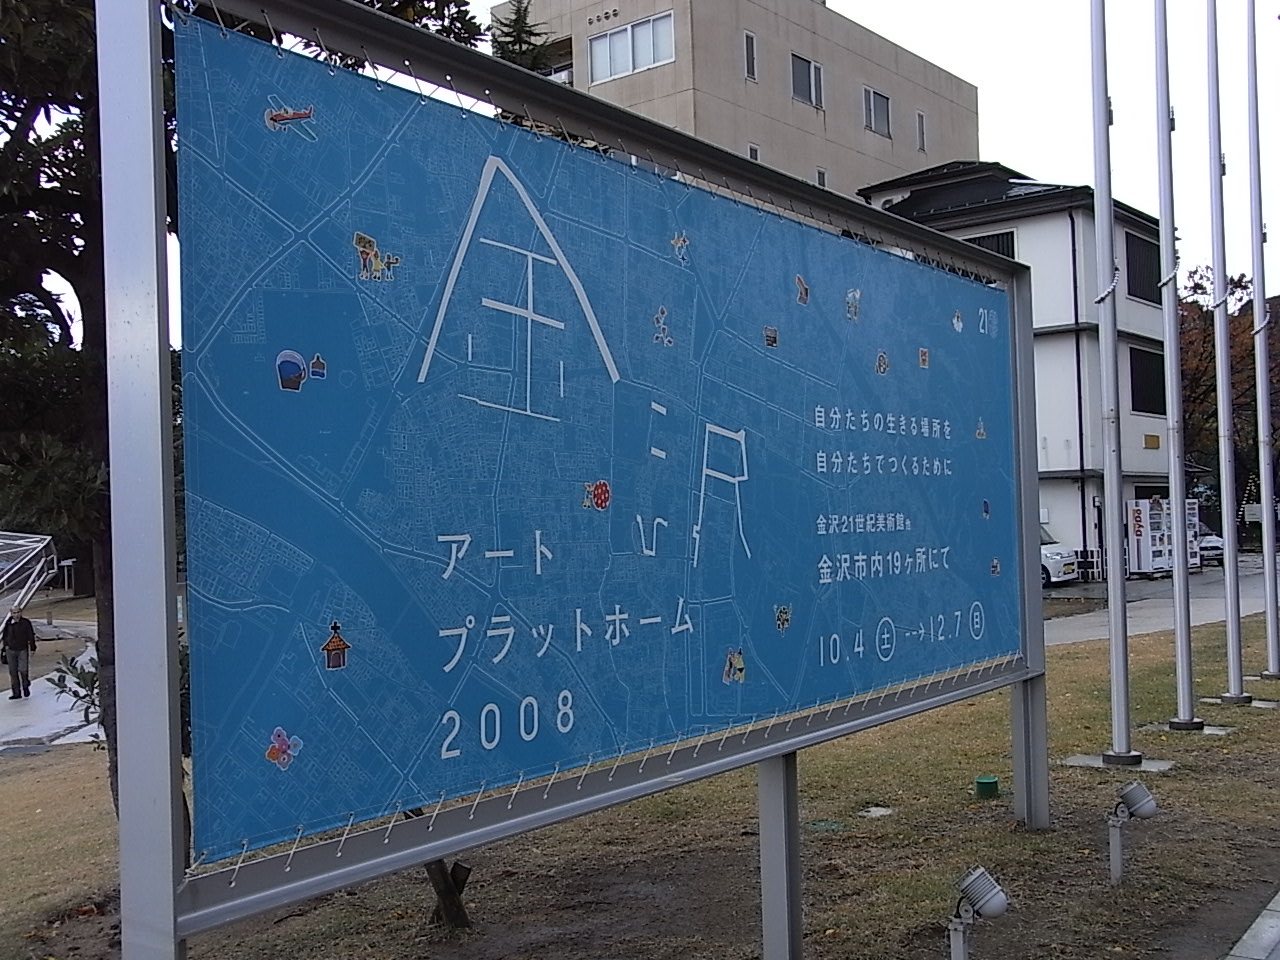 KANAZAWA_f0010106_1162989.jpg